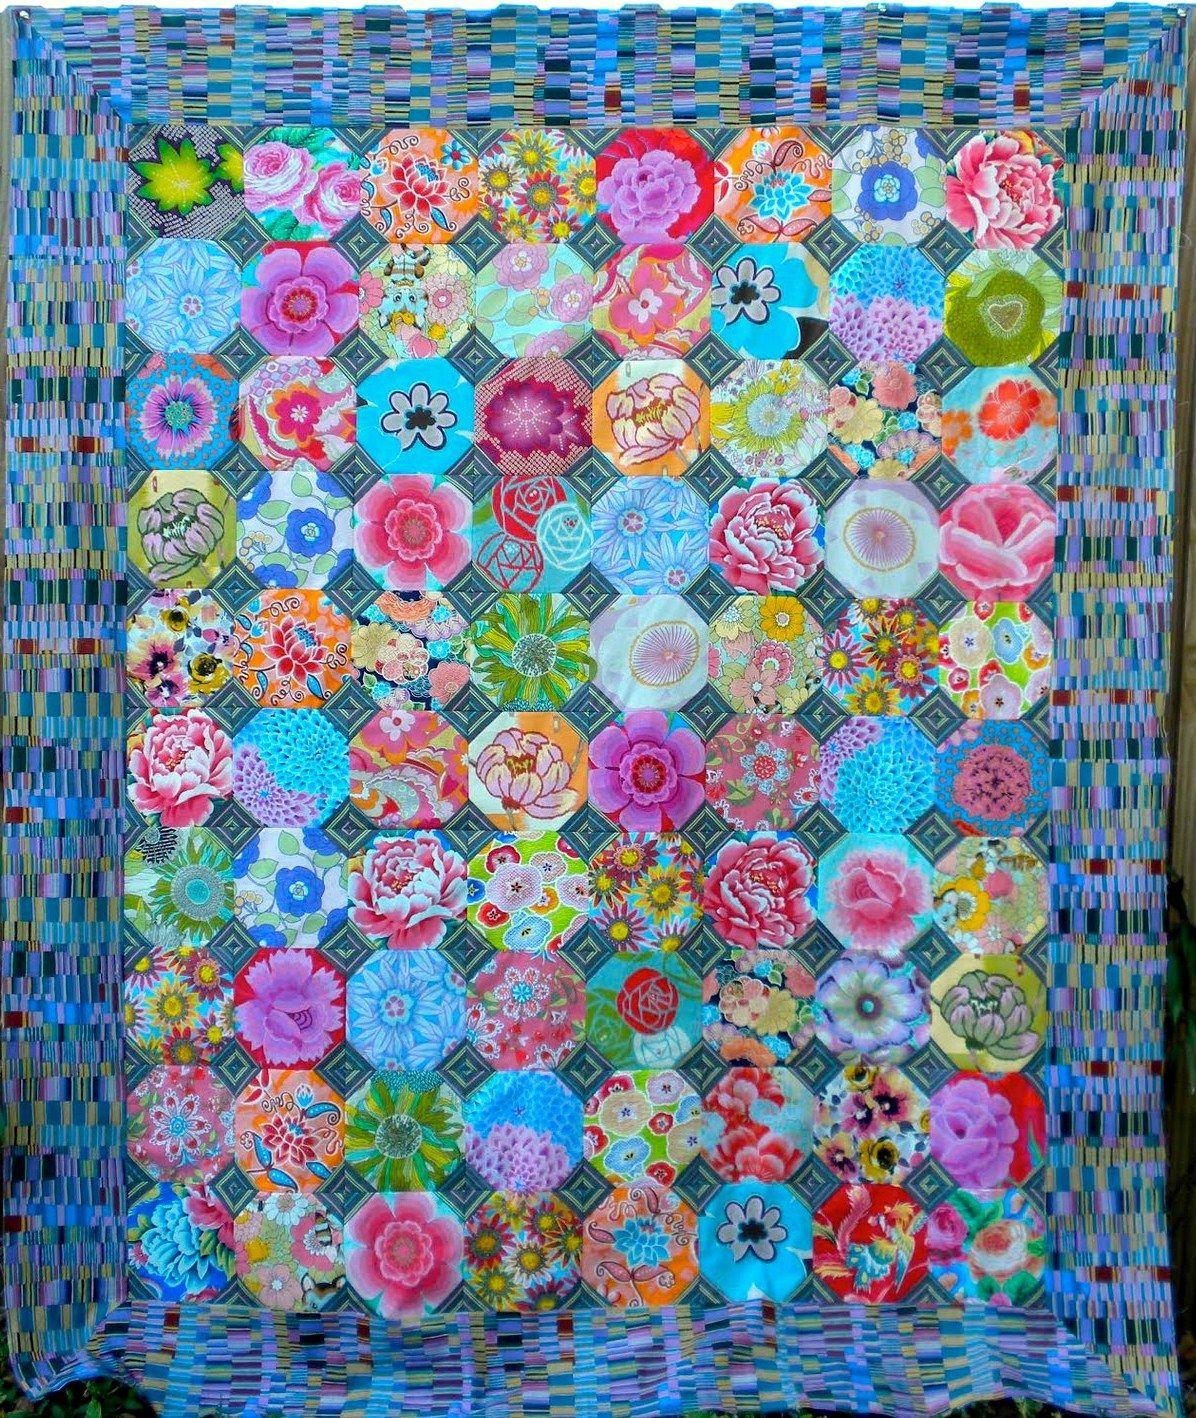 Pin By Quilt Inspiration On Kaffe Fassett Quilts Snowball Quilts Kaffe Fassett Quilts Octagon Quilt